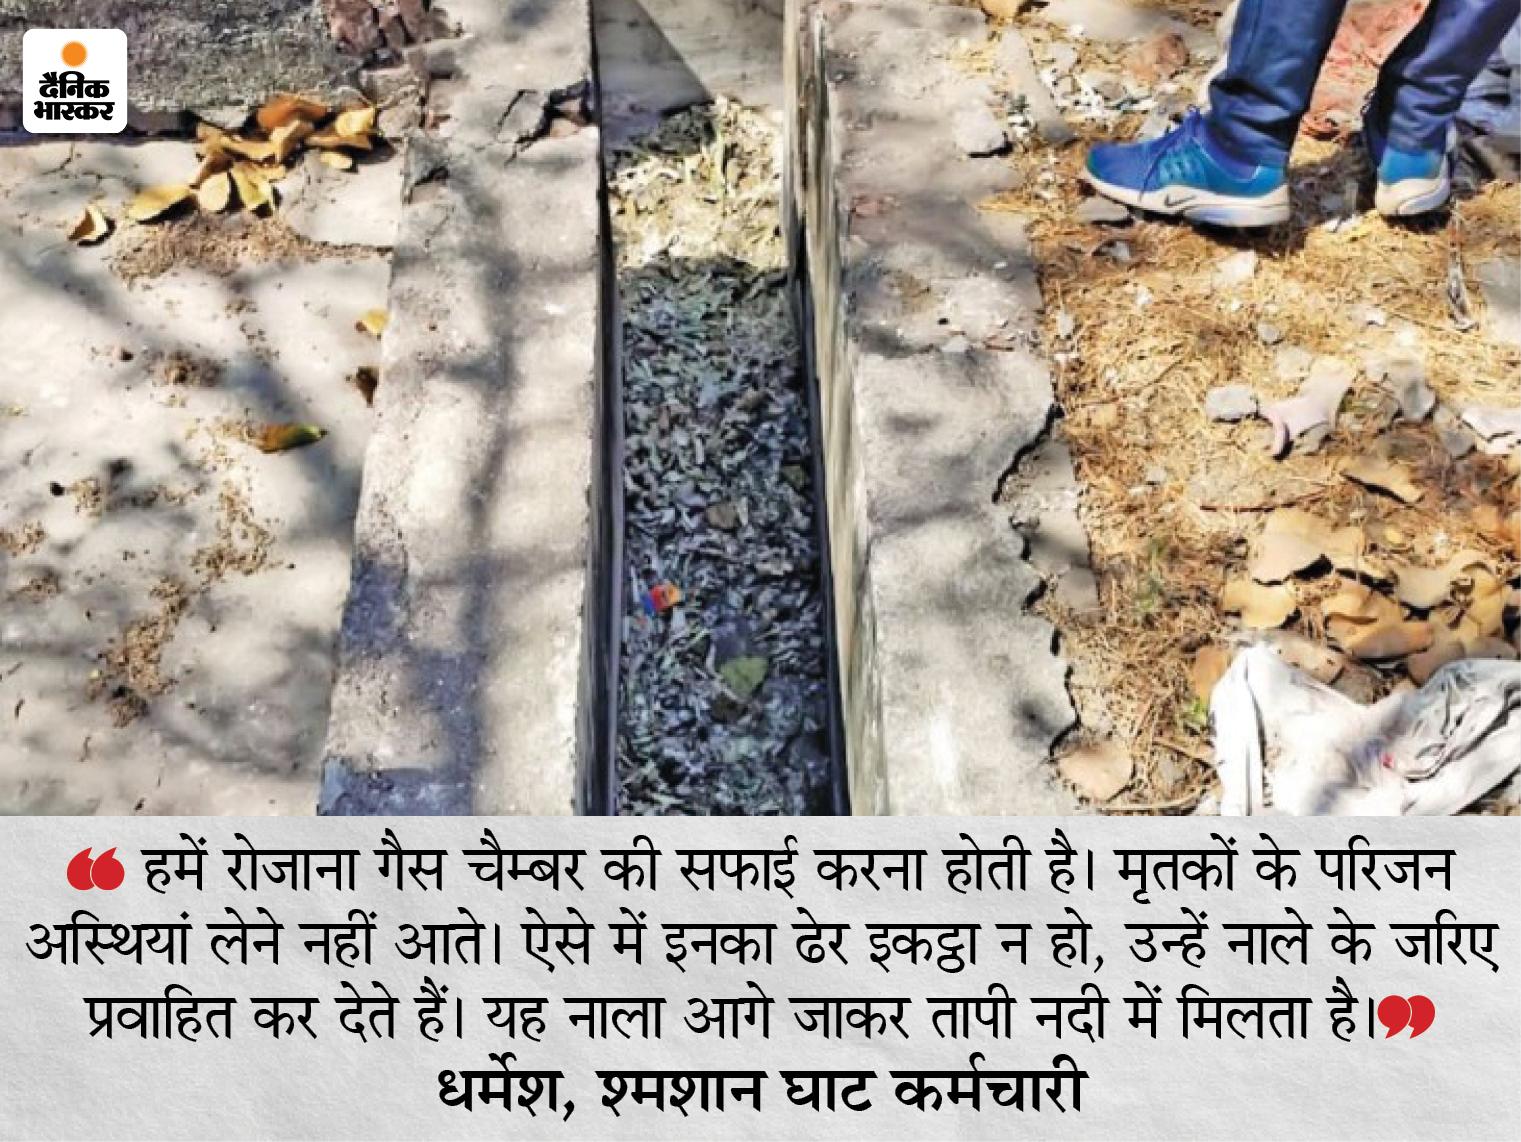 पिछले तीन महीनों 3 हजार से ज्यादा शवों का अंतिम संस्कार, 95% कोरोना मृतकों के परिजन नहीं ले जा रहे अस्थियां, नाले में हो रहा विसर्जन|गुजरात,Gujarat - Dainik Bhaskar